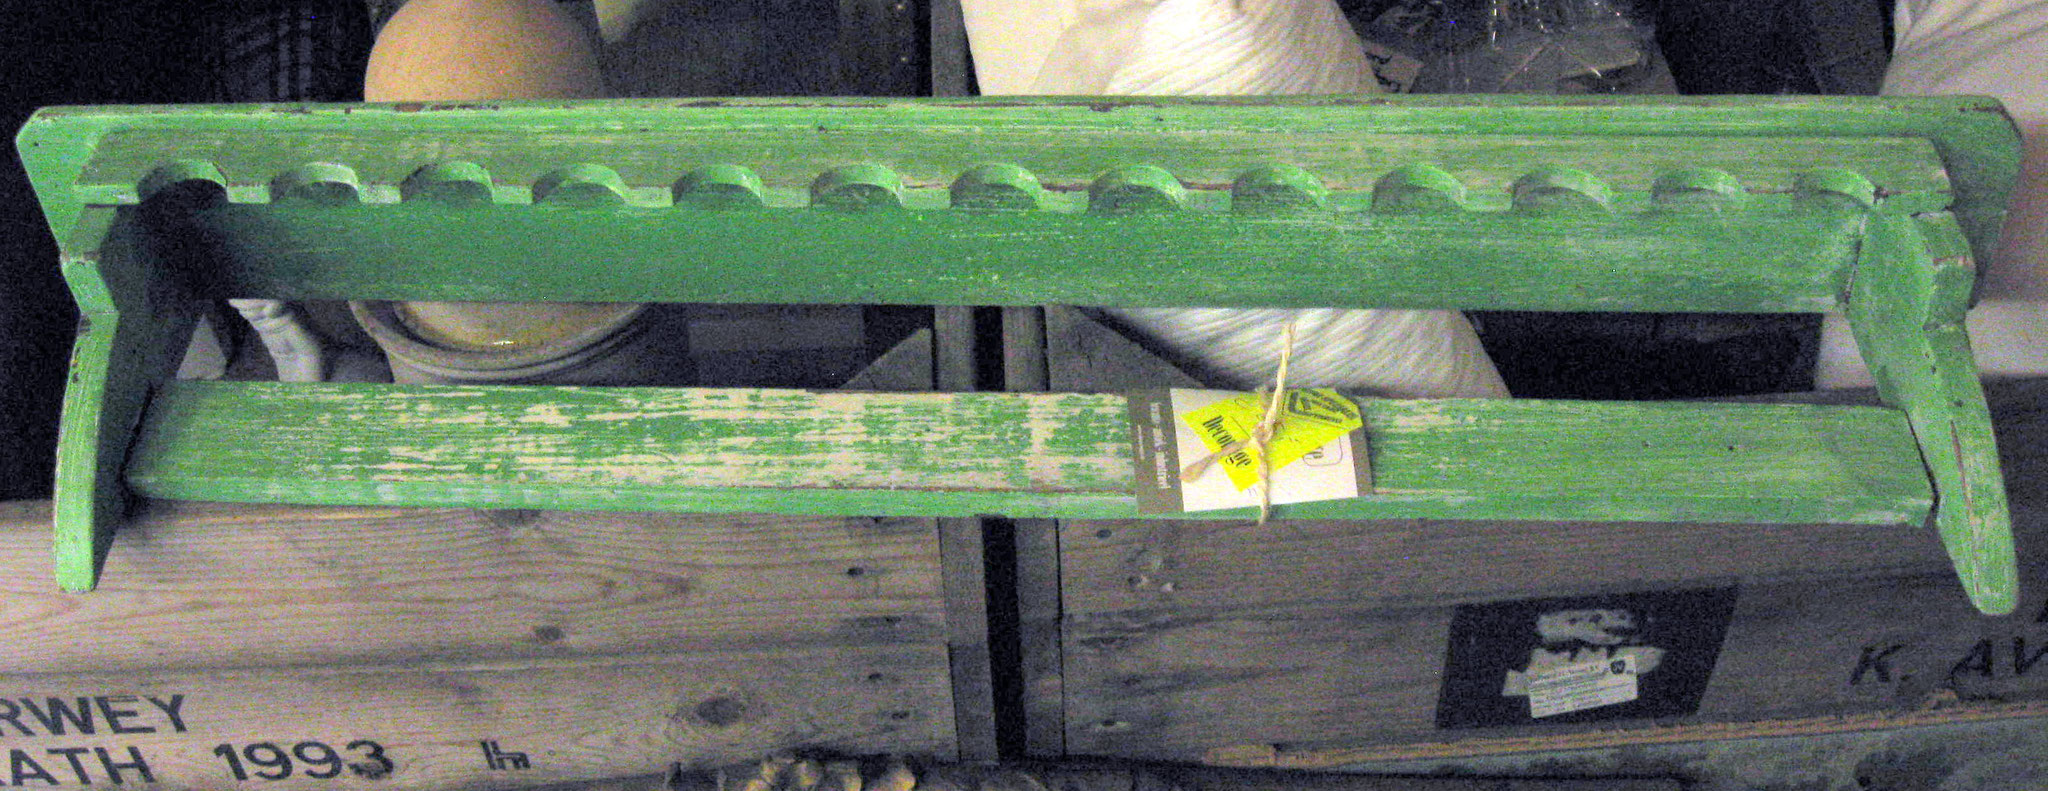 Borden cousole groen - van € 45 voor € 25,-